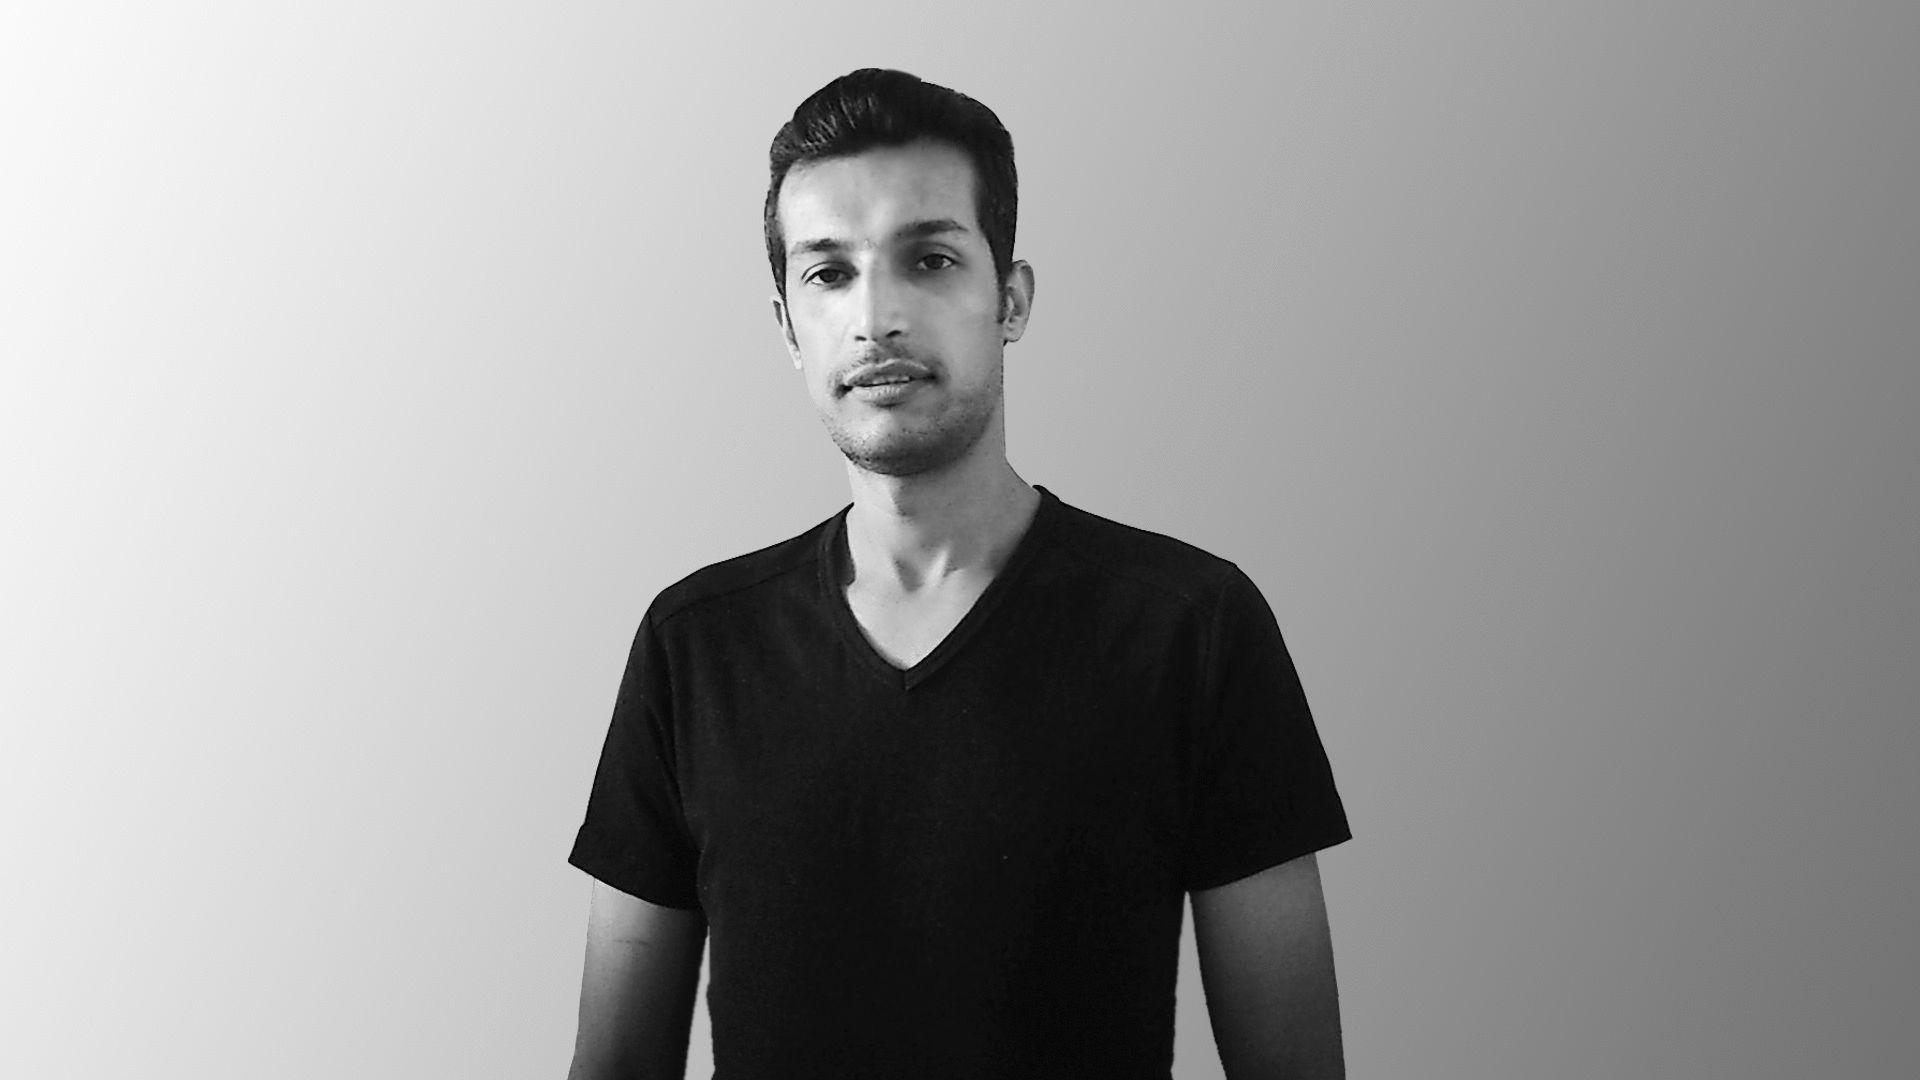 أحمد عدنان كنعان Headshot